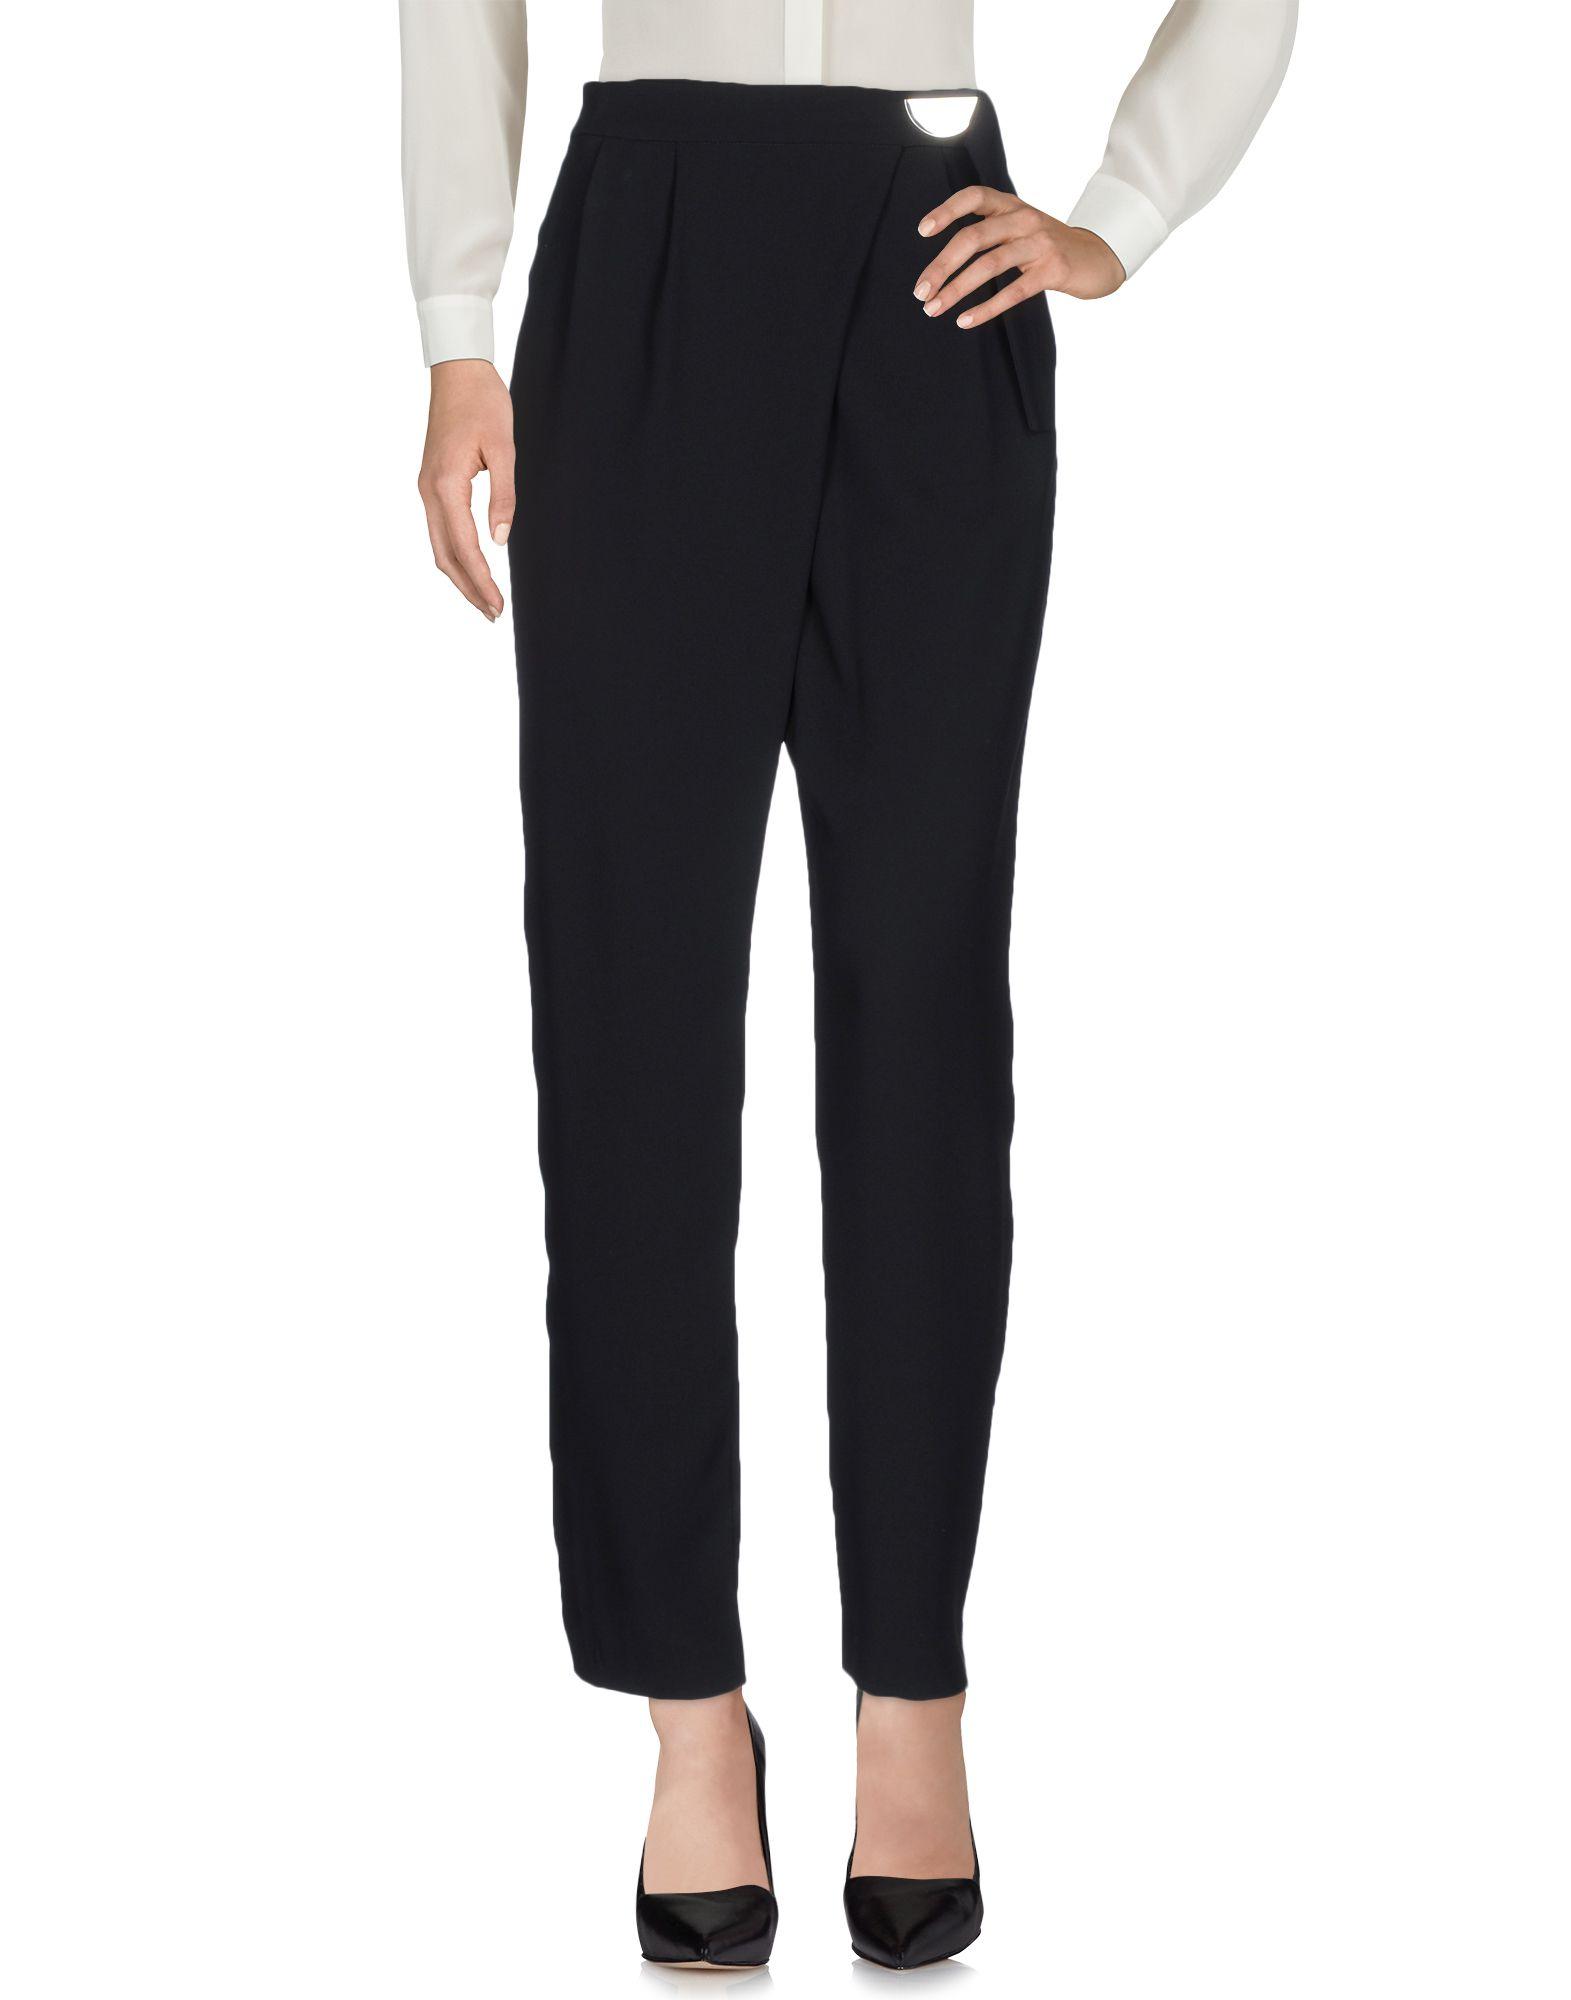 Pantalone Pinko Donna - Acquista online su laQJToLA